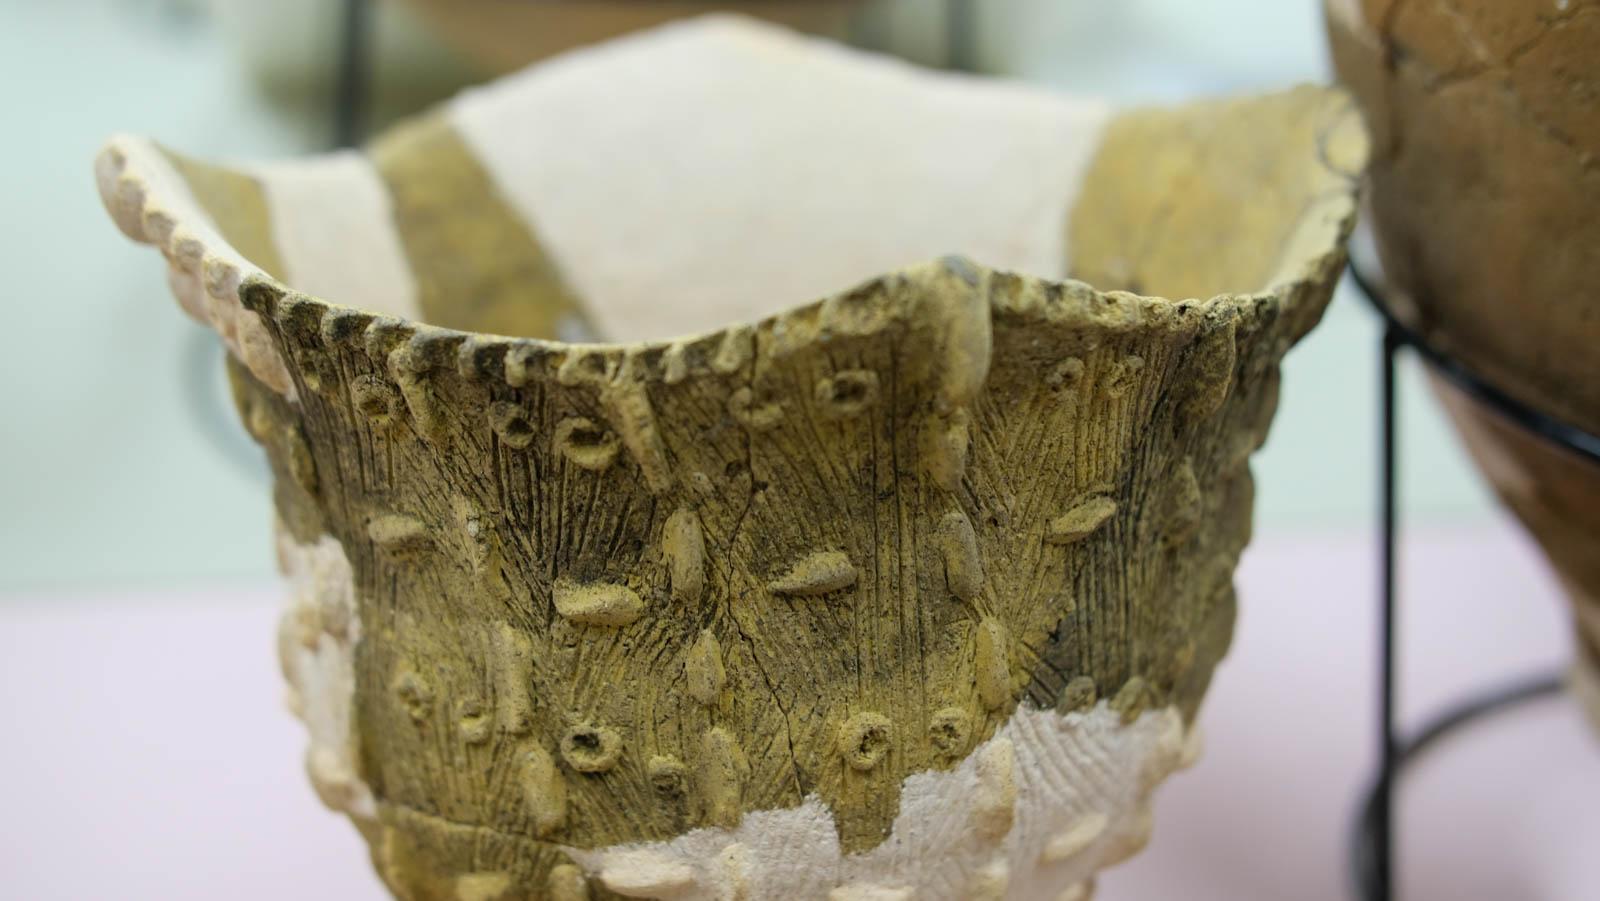 小さな突起が付いた縄文土器